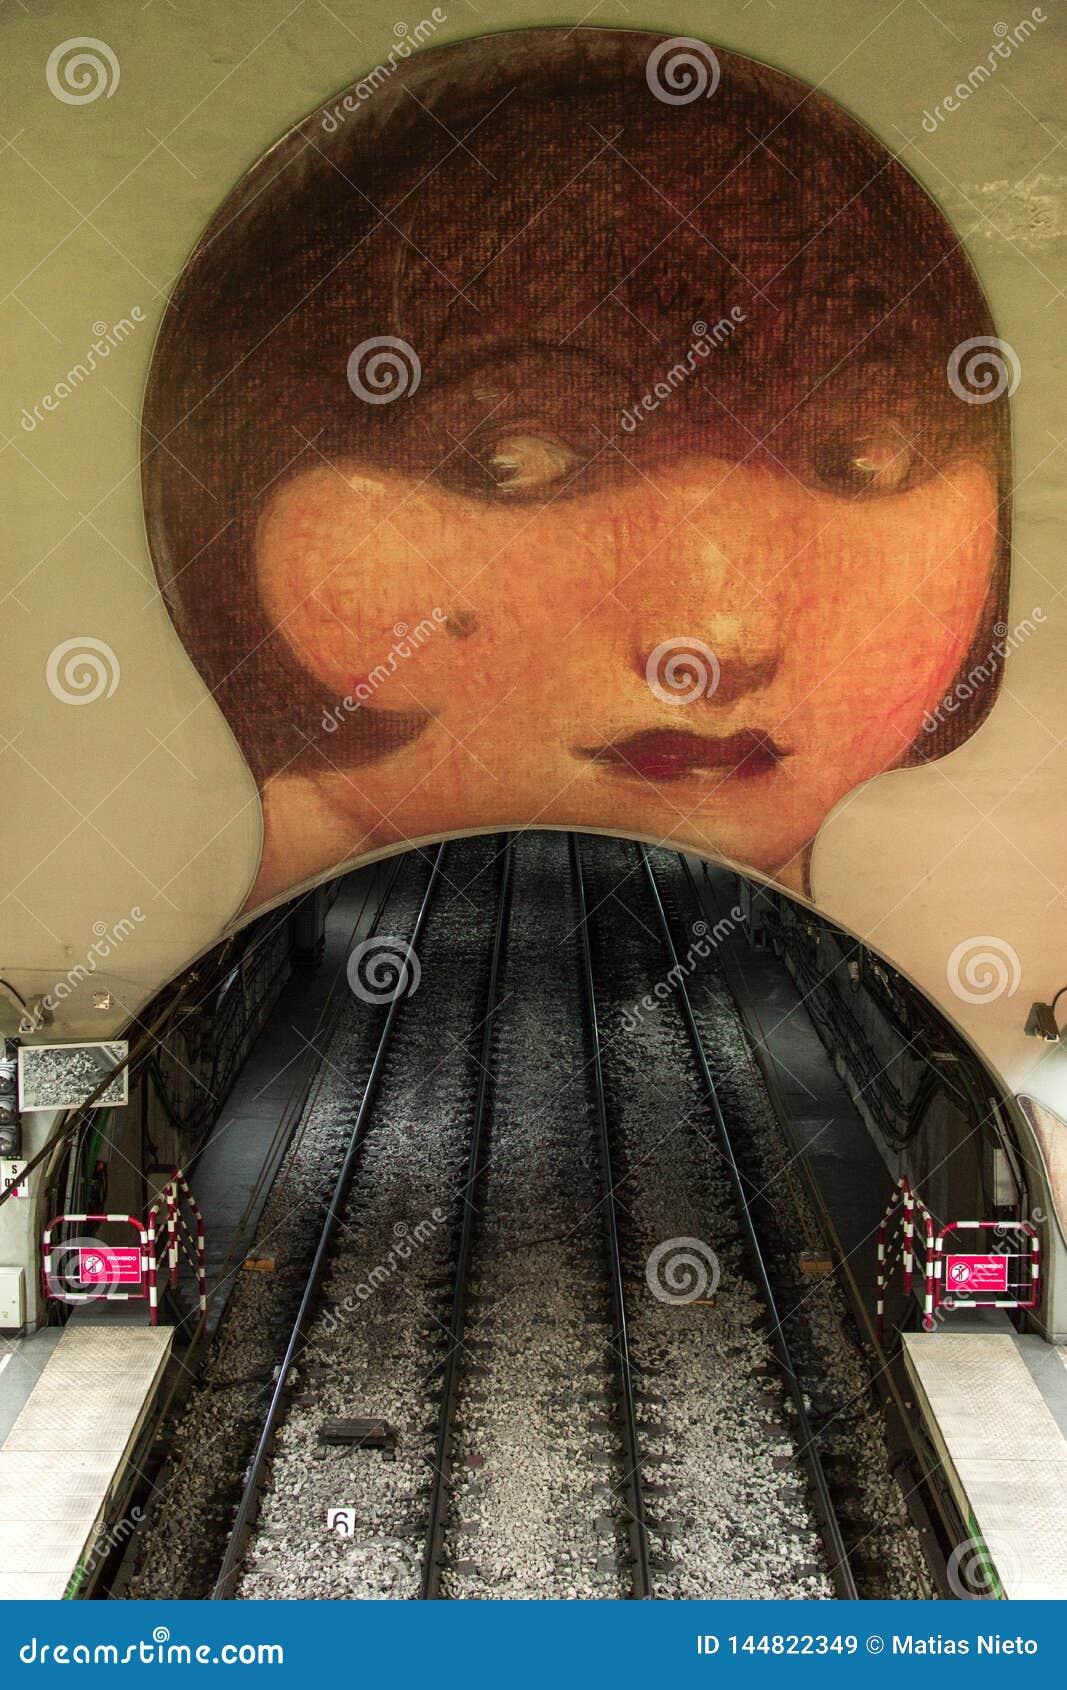 Art work in Venezuela subway station in H line, Buenos Aires Argentina